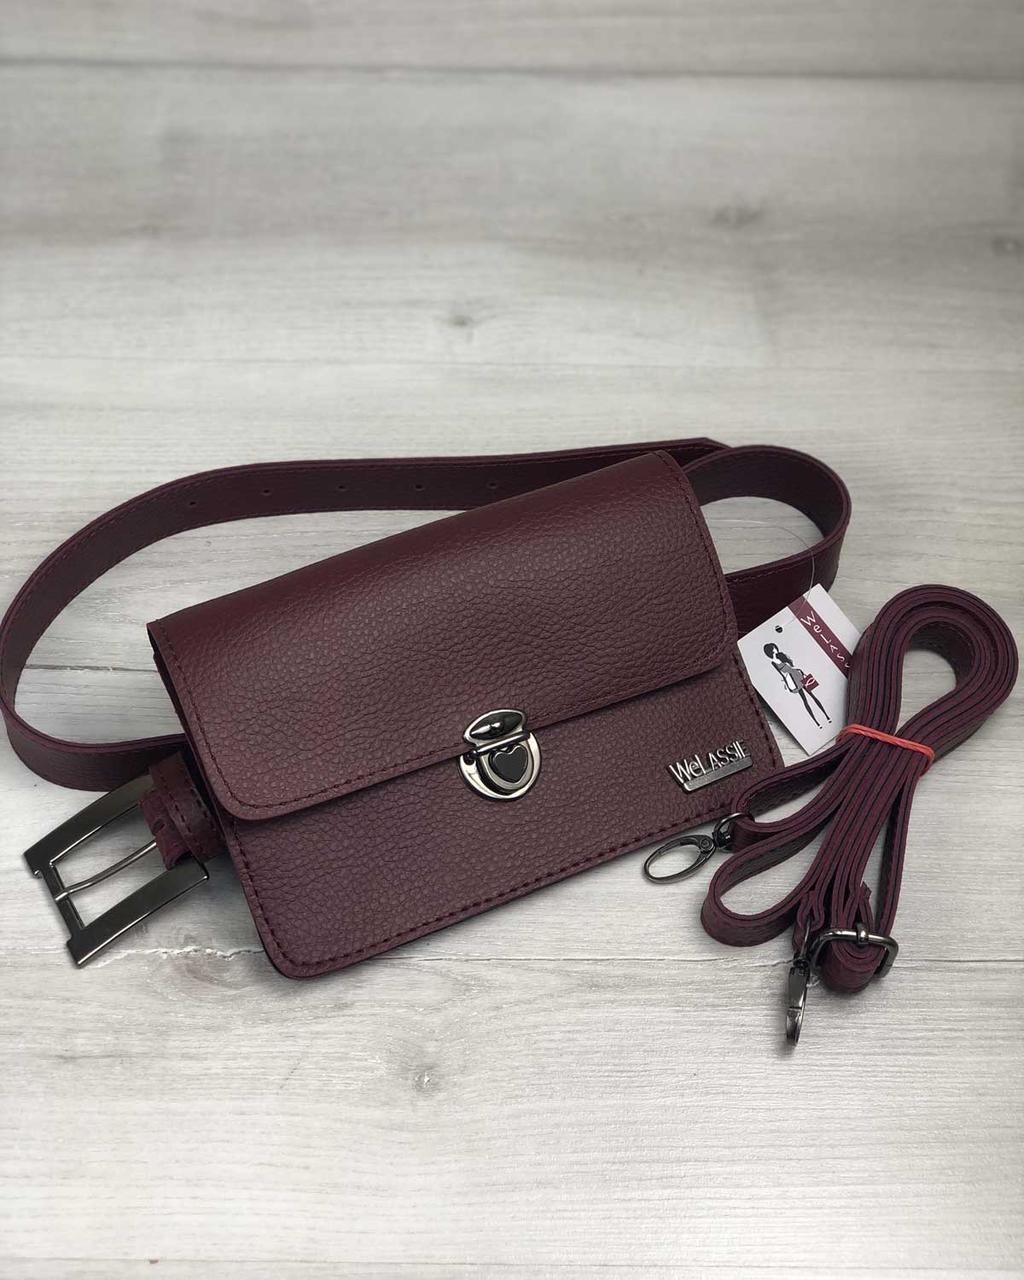 313b2509018a Бордовая сумка-клатч на пояс 60407 маленькая молодежная через плечо, фото 1